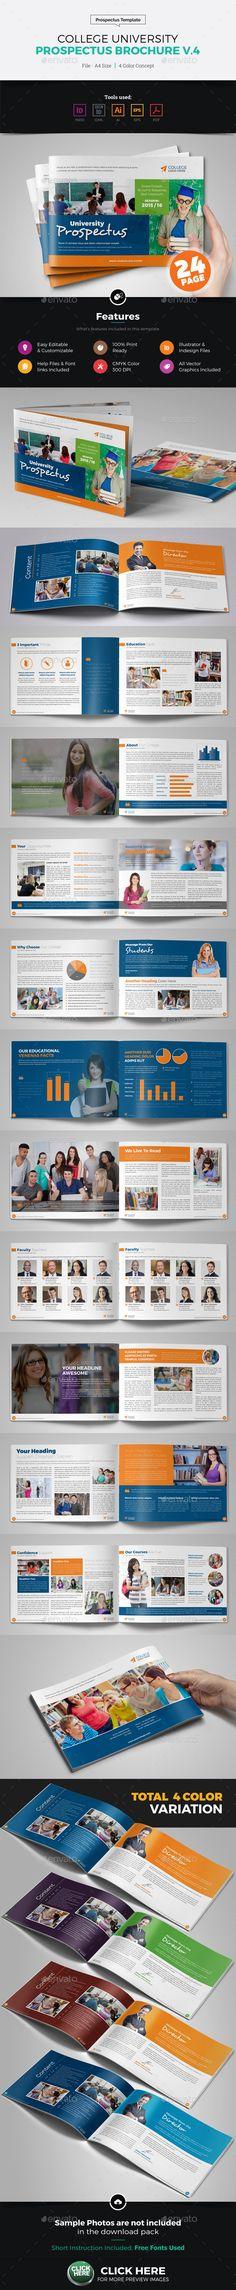 Print Maiarelli Studio Alius cosmetics product brochures